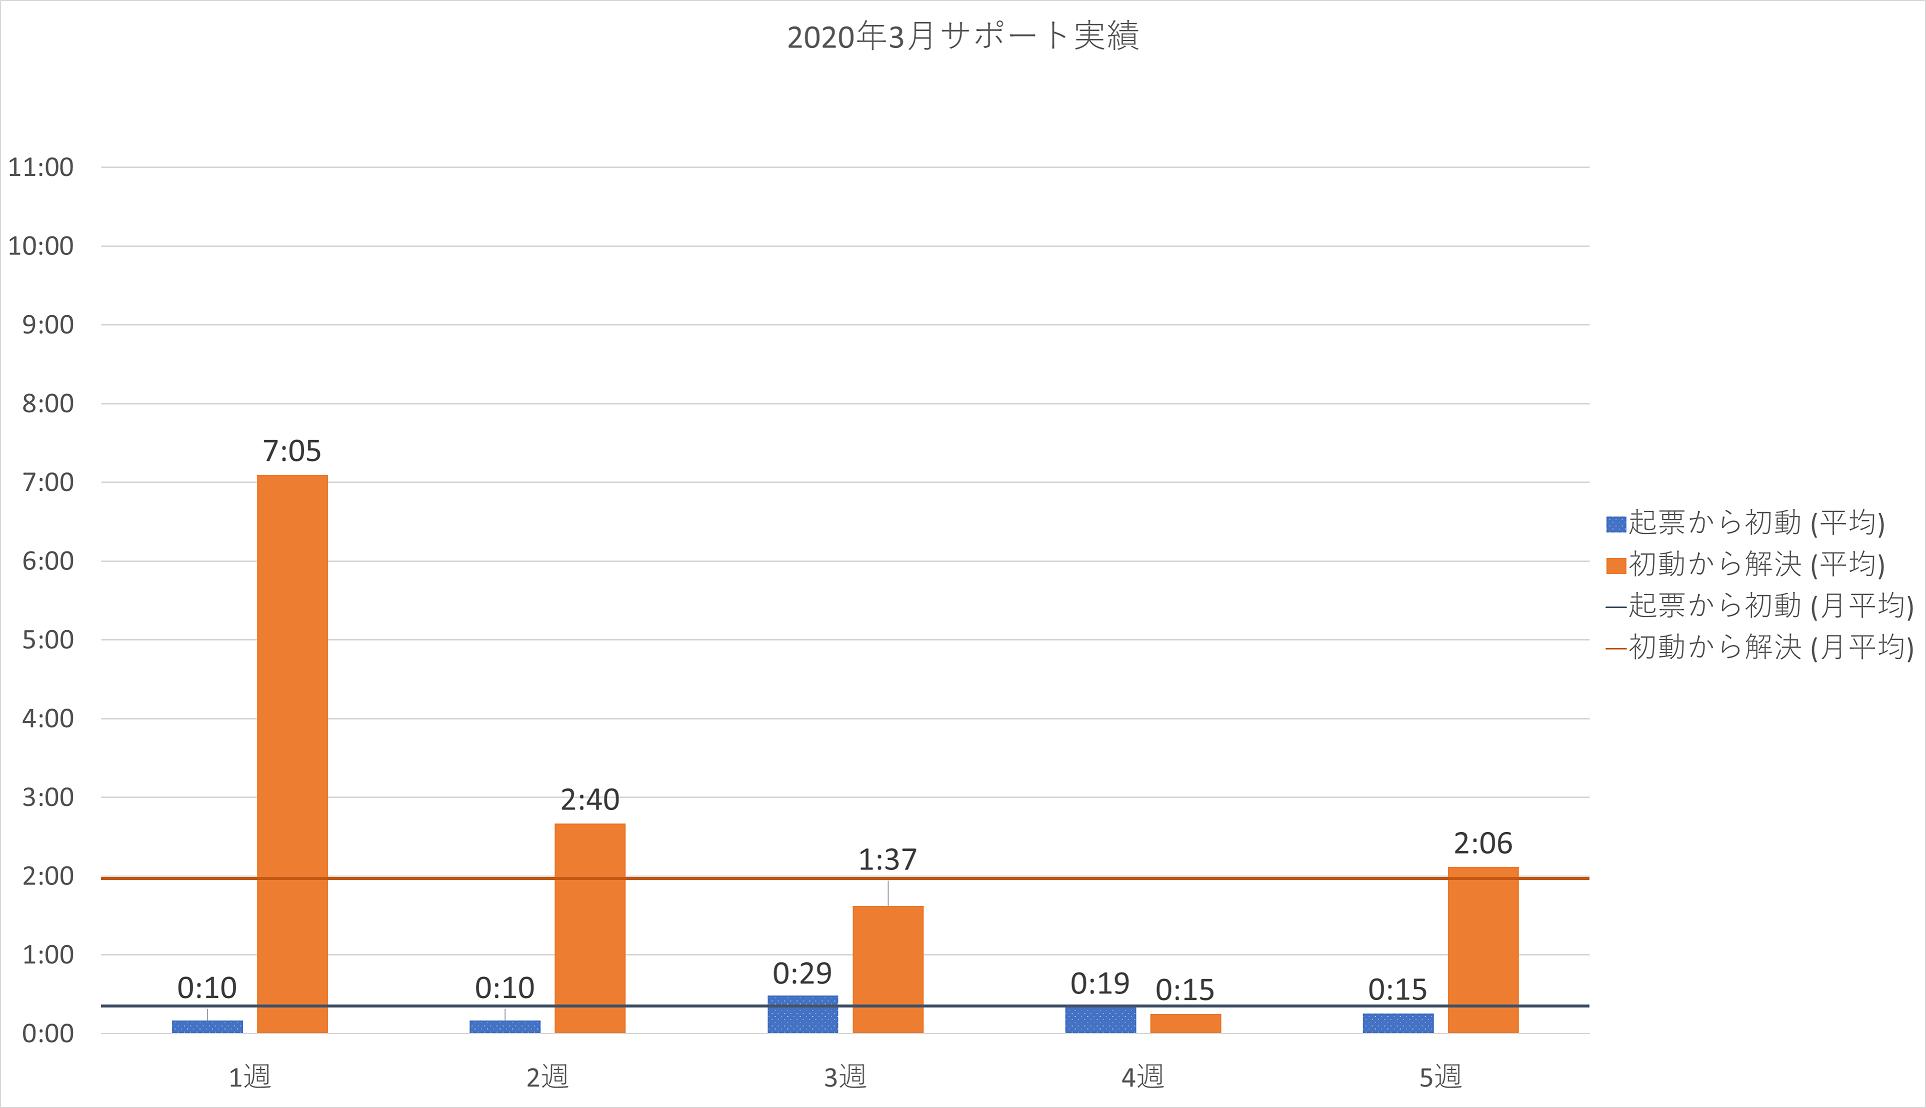 2020年3月の PowerCMS X サポート平均時間の週別棒グラフ。詳細は表を参照。